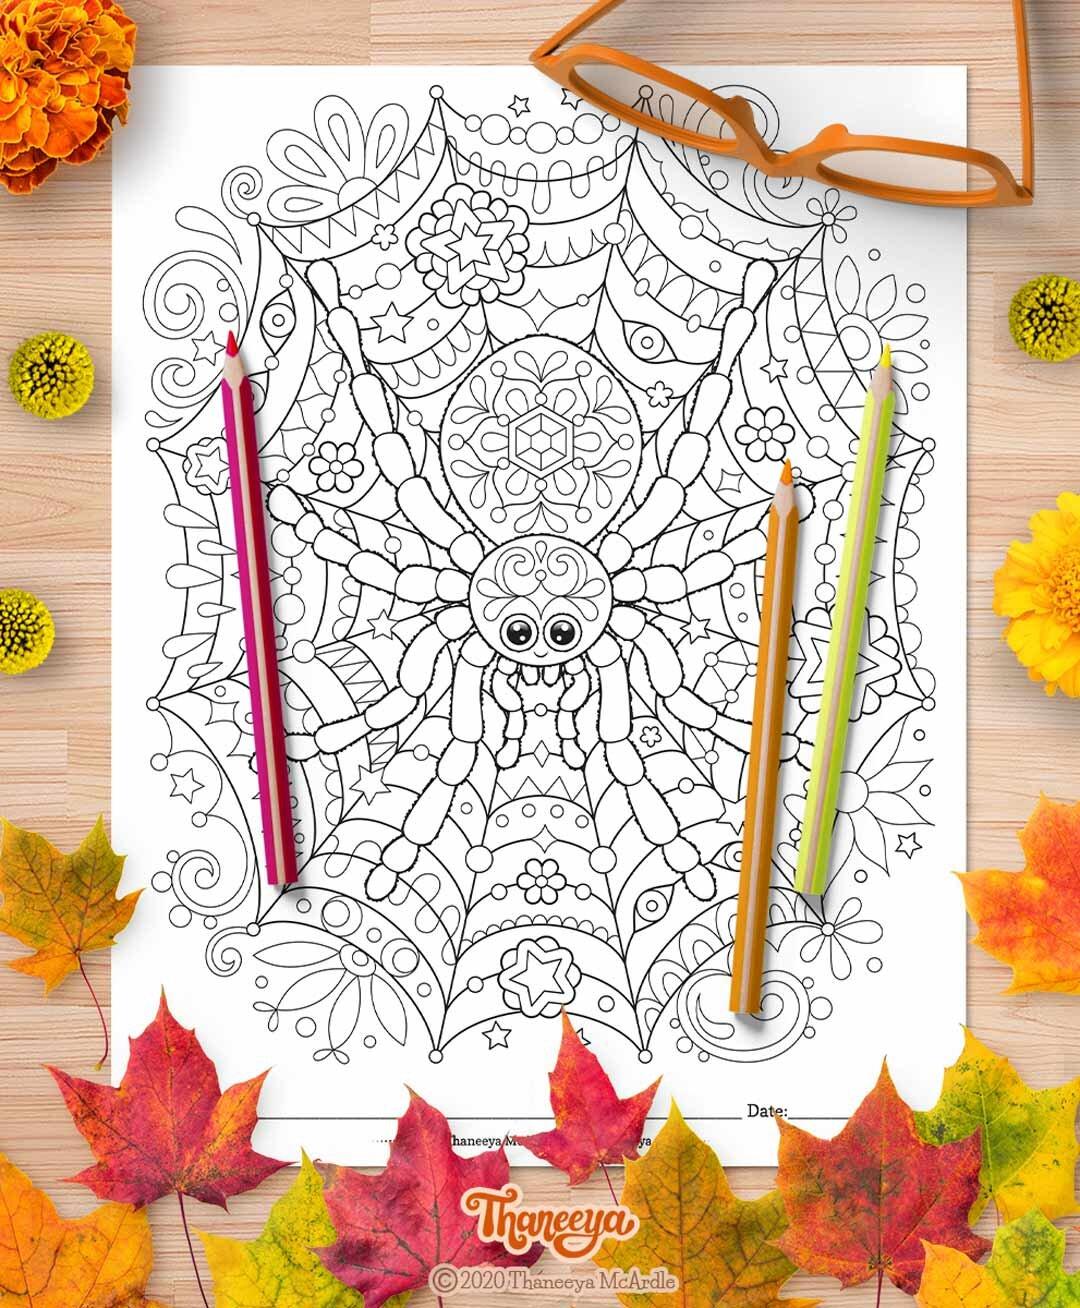 蜘蛛网着色页的可爱蜘蛛 - 套1个可打印的万圣夜着万博体育2018版色页由thaneeya mcardle万博体育游戏平台